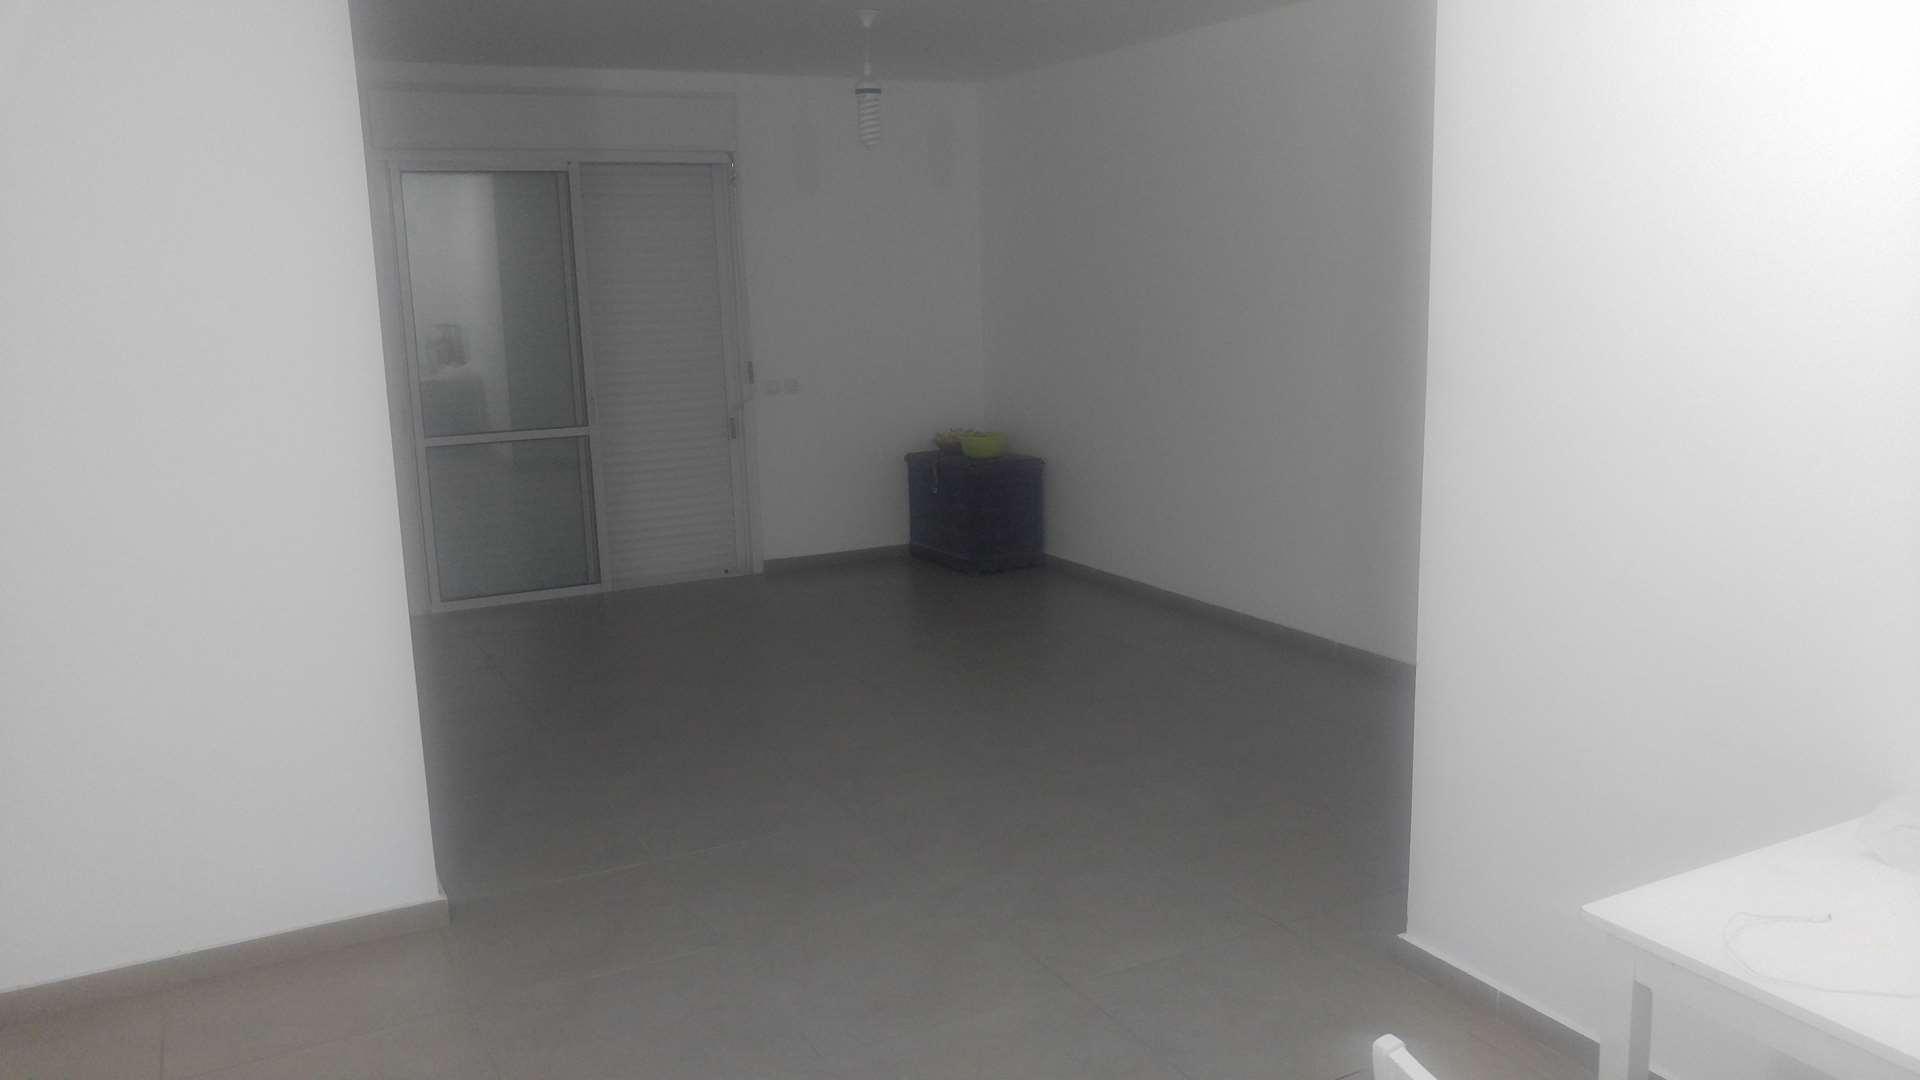 תמונה 2 ,דירה 5 חדרים משה רבינו אחיסמך לוד